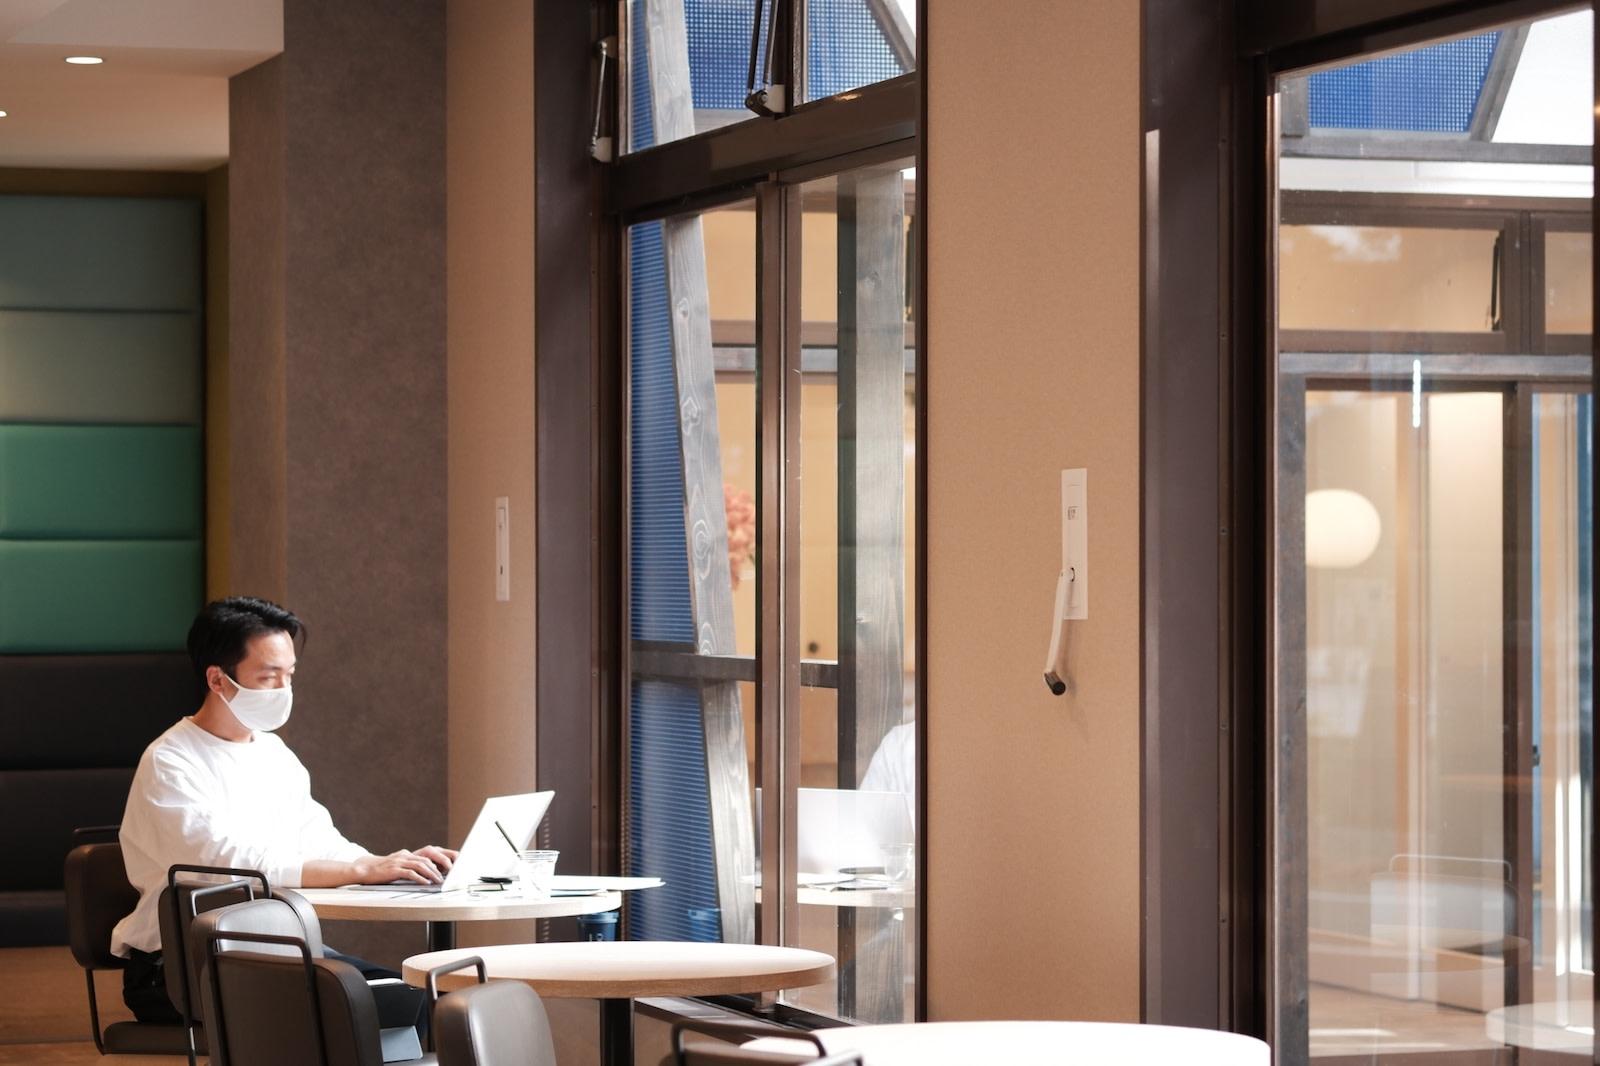 スパ ゲストハウス ルルド:カフェ | Workations(ワーケーションズ)